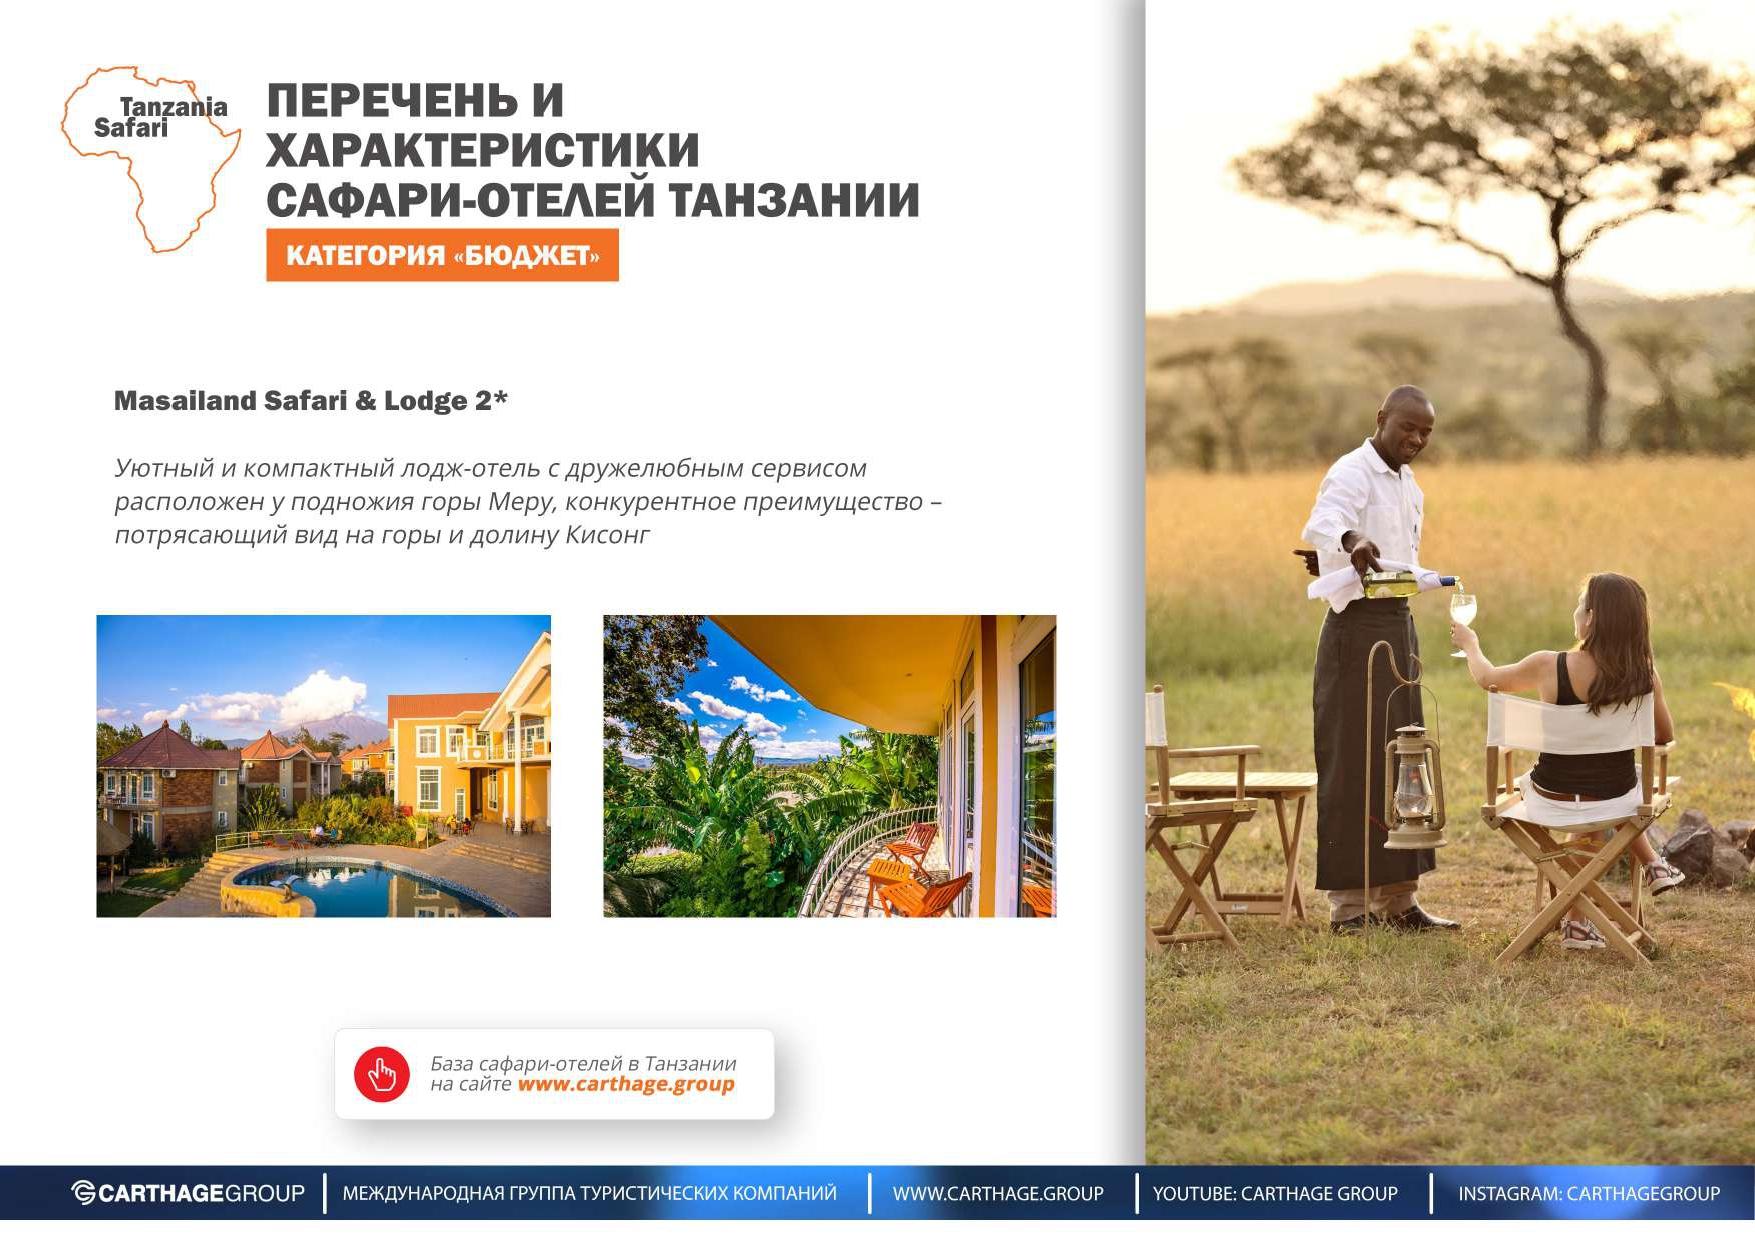 Танзания_2020_-_1_декабря - с ссылками_page-0023